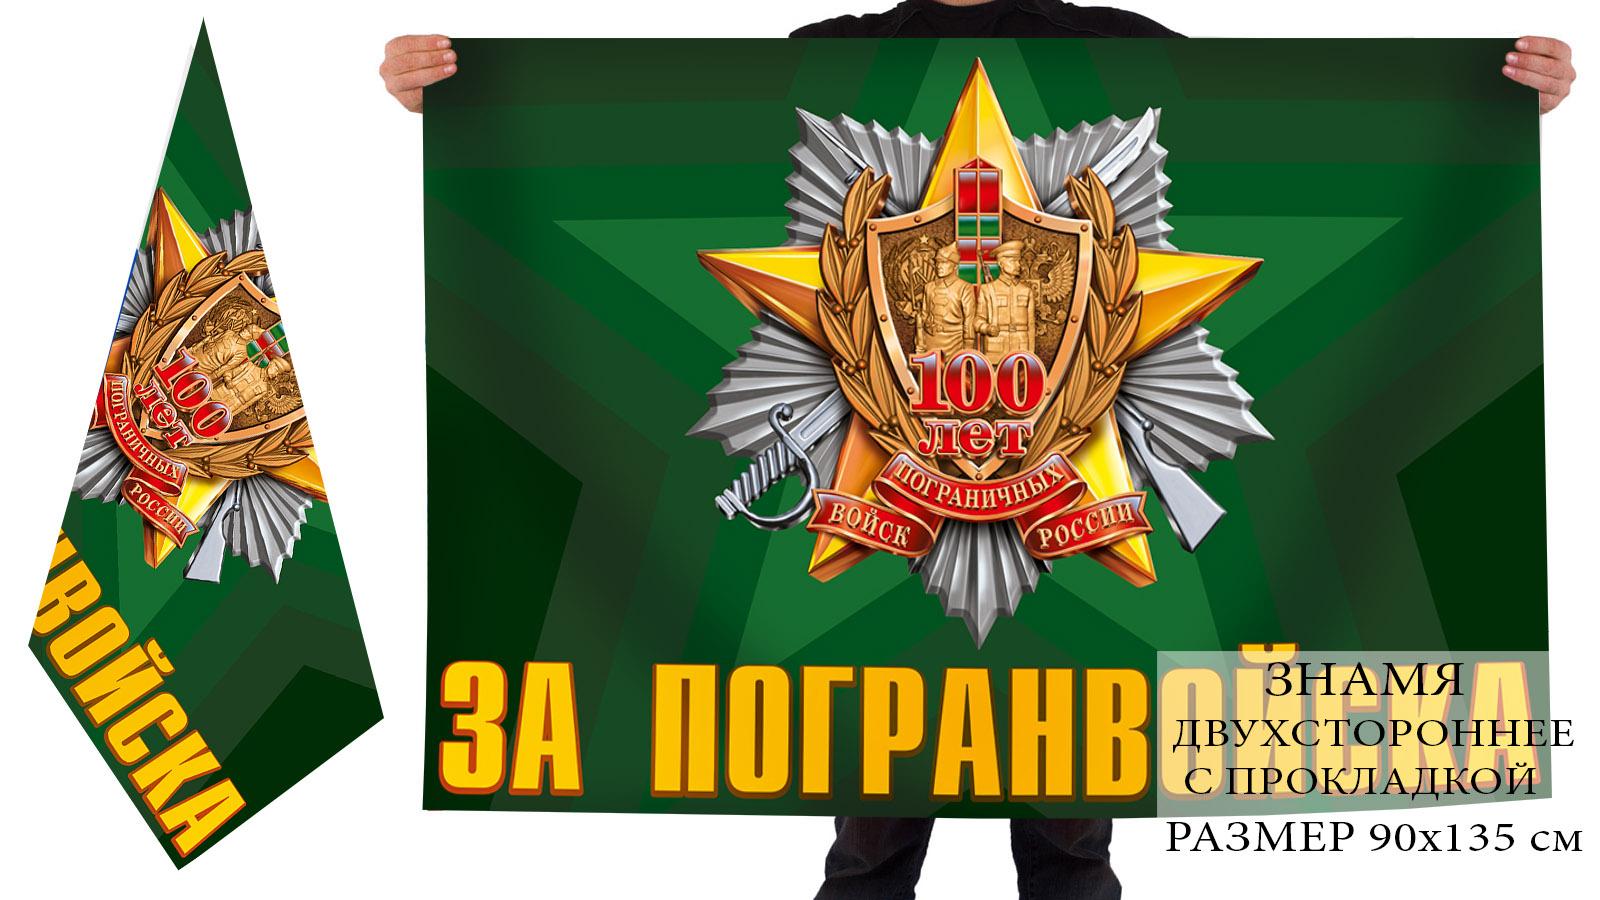 Пошив флагов на заказ: любая тематика, сжатые сроки, приятные цены